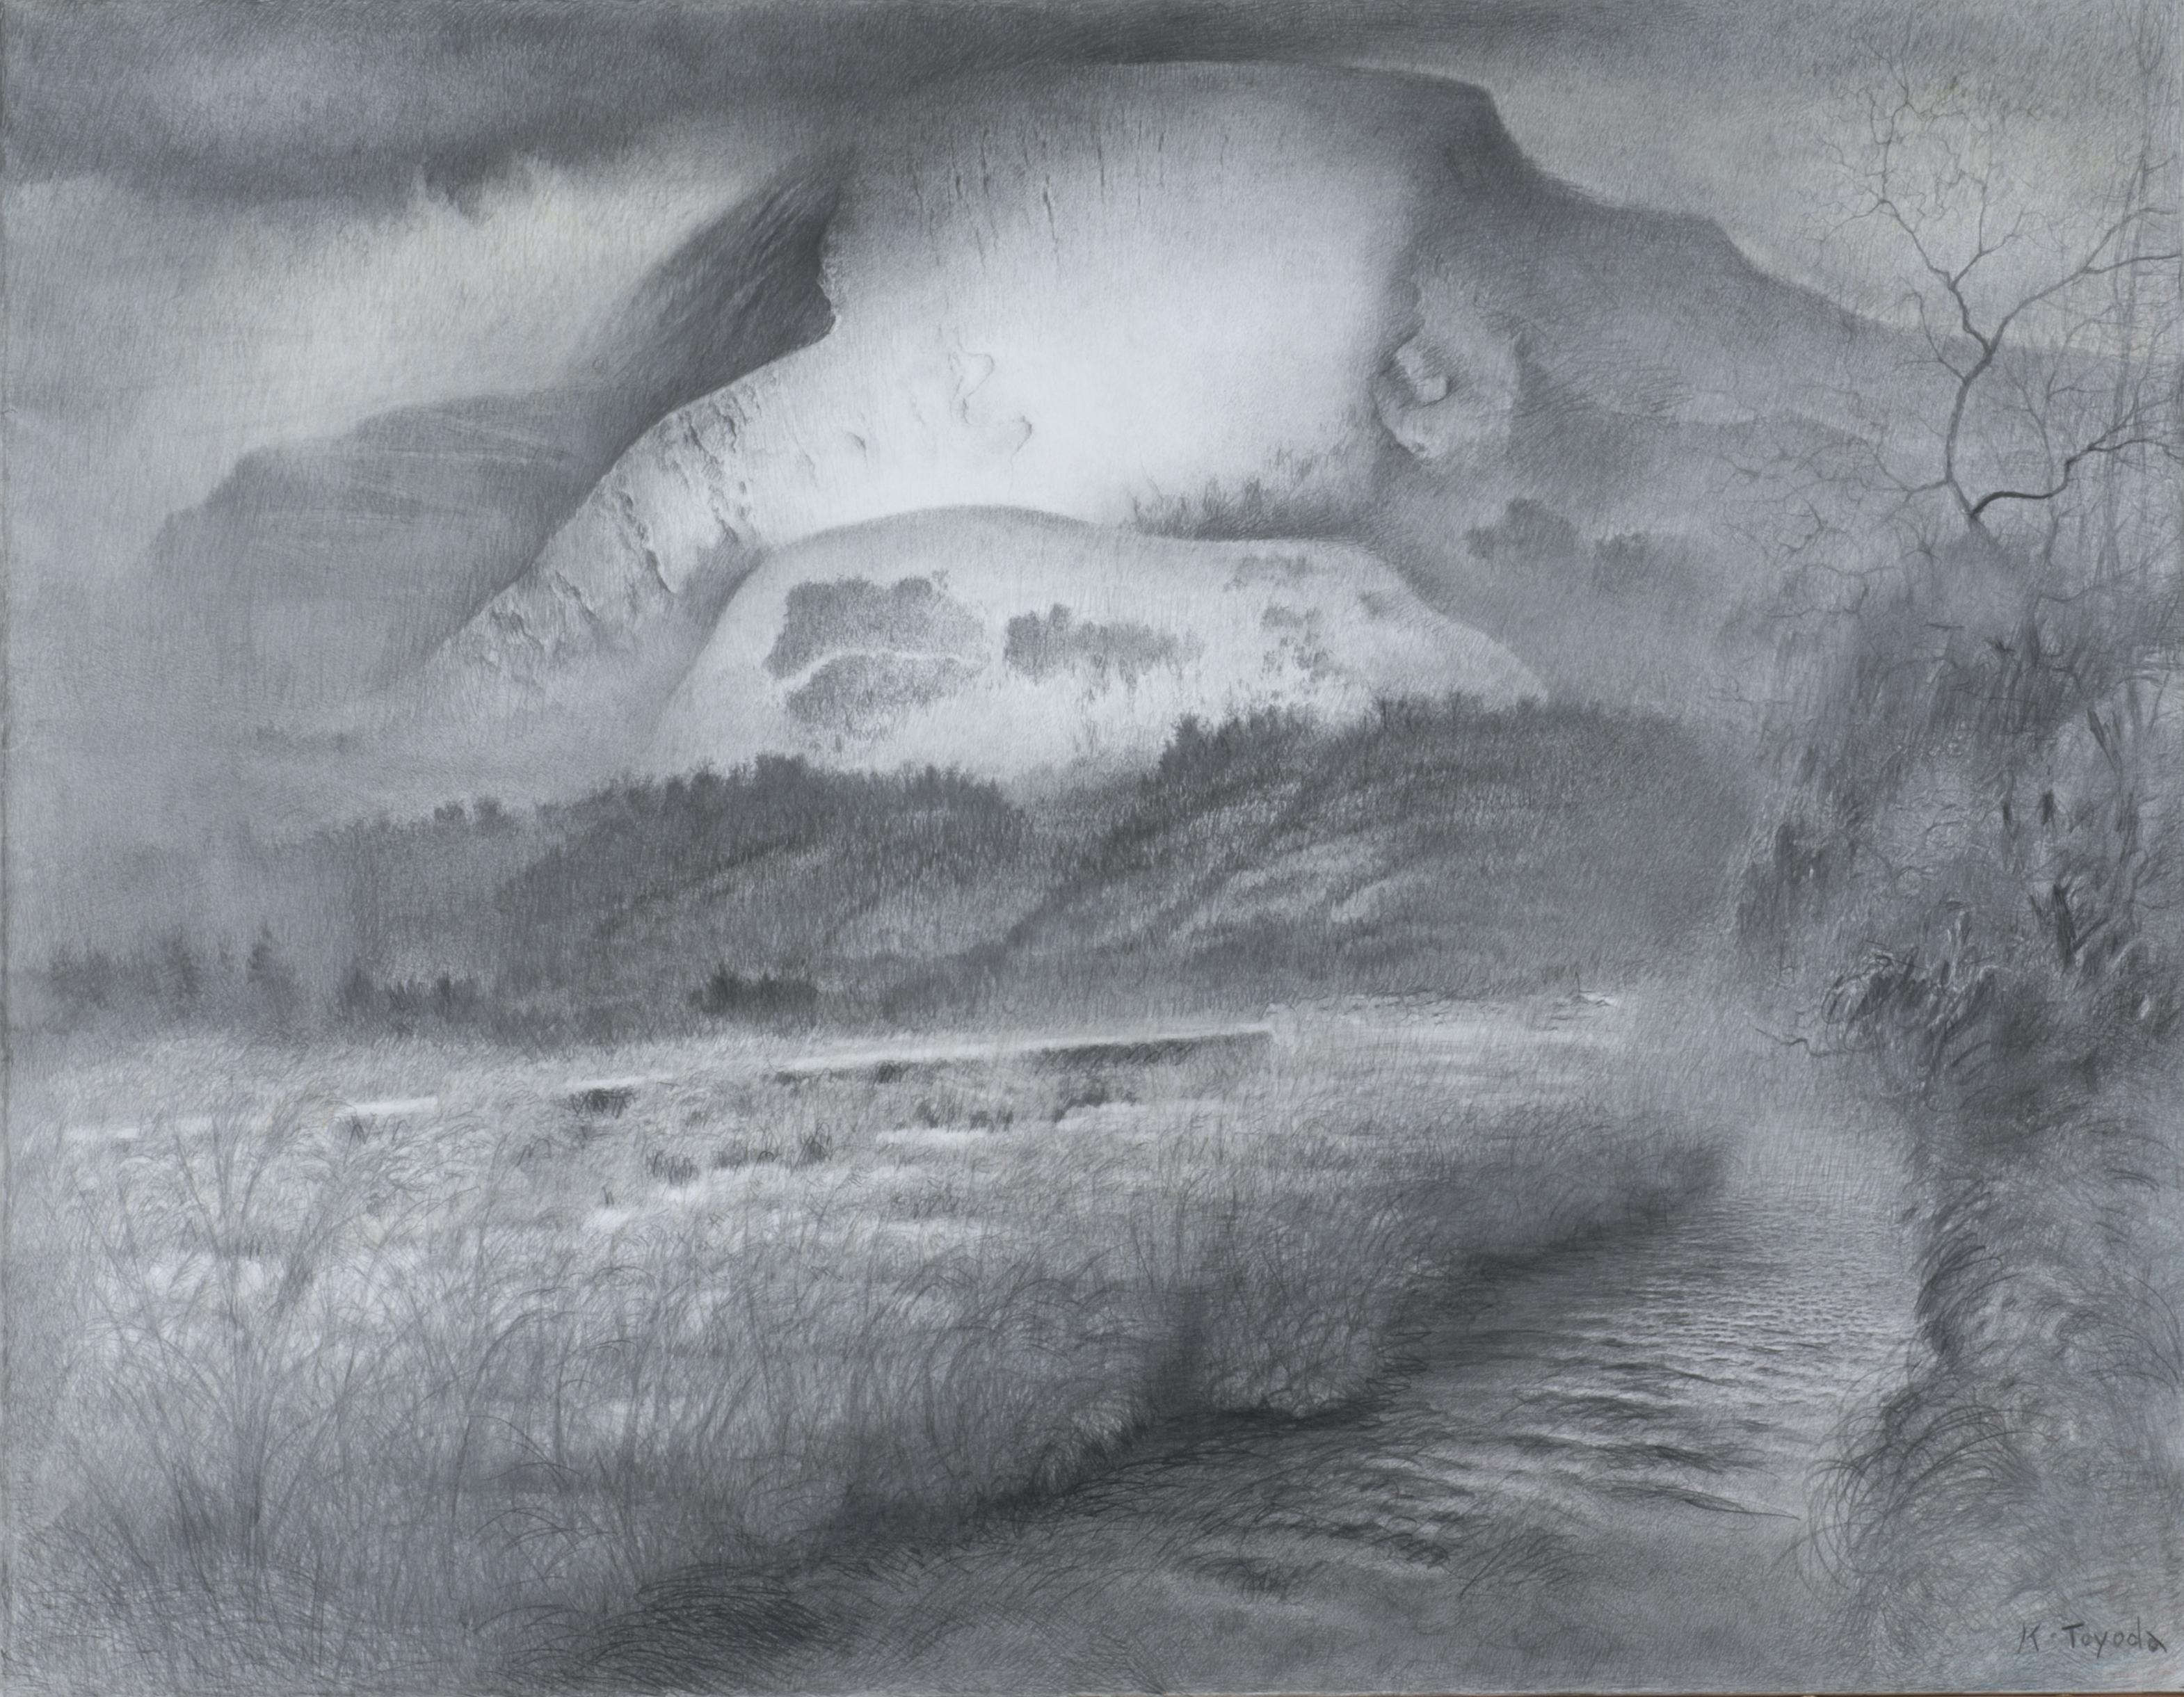 第18回 湖国を描く絵画展 出陳目録